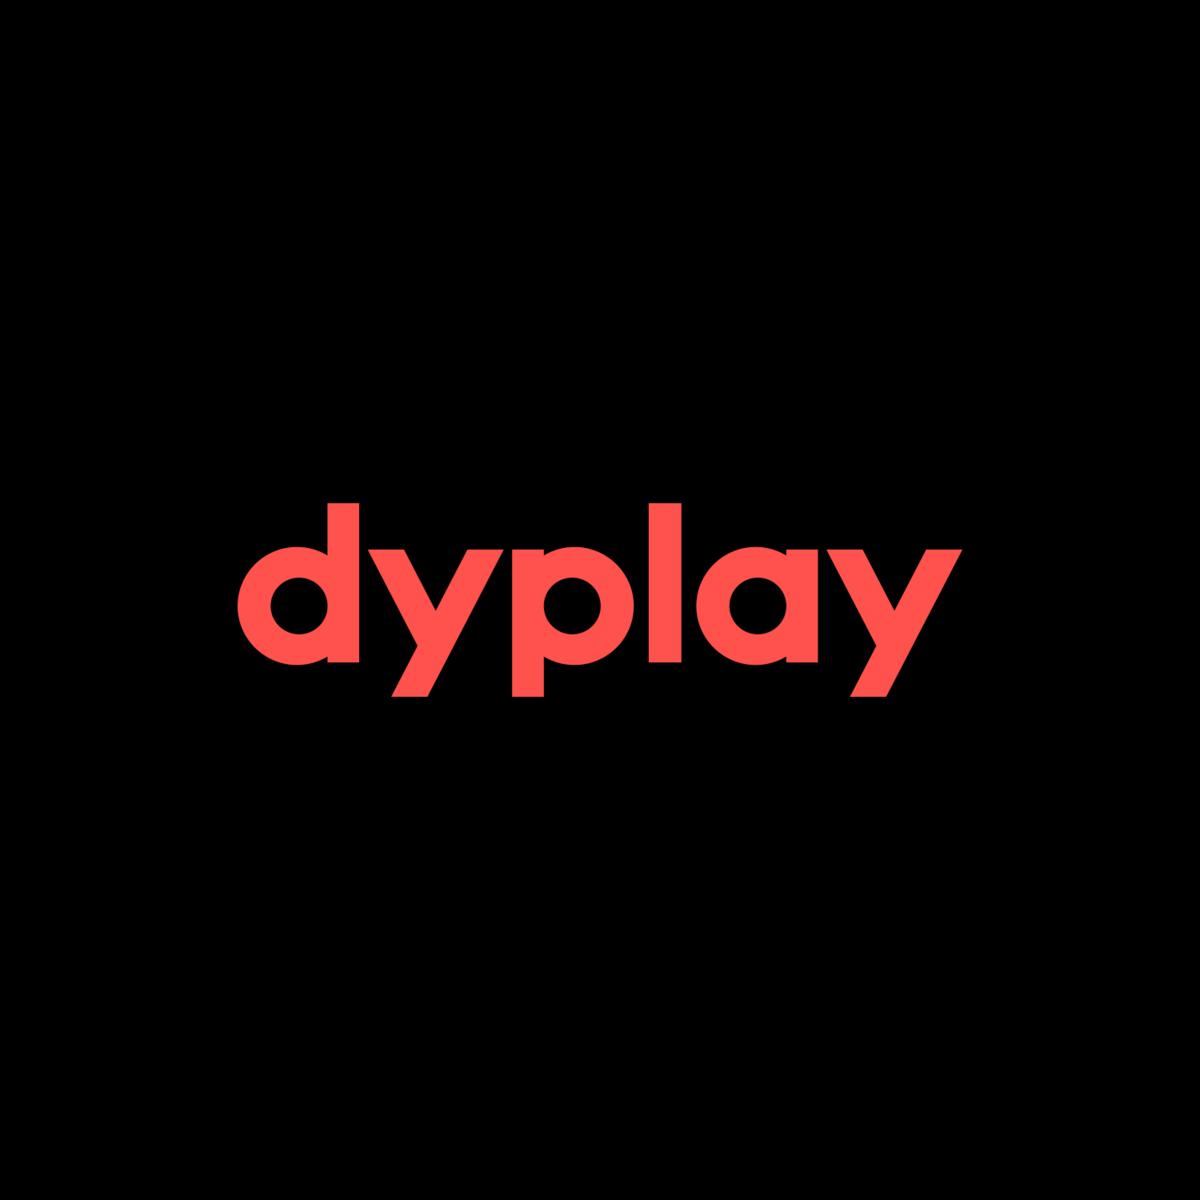 dyplay